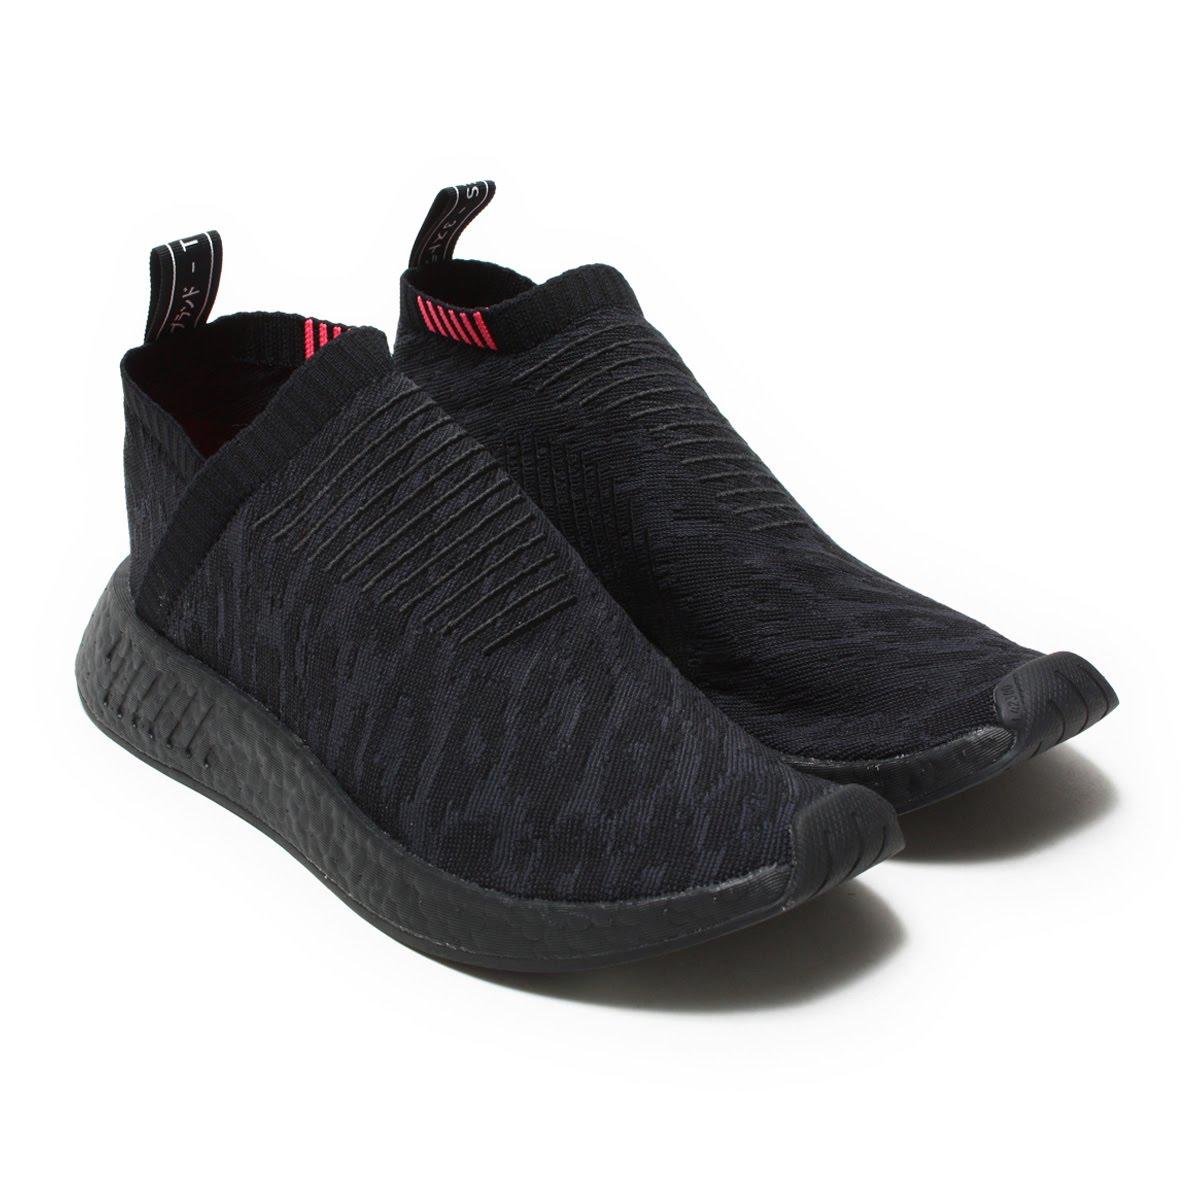 4a9ea2dfc adidas Originals NMD CS2 PK (Adidas originals N M D CS2 PK) (Core Black  Carbon Shock Pink) 18SS-I